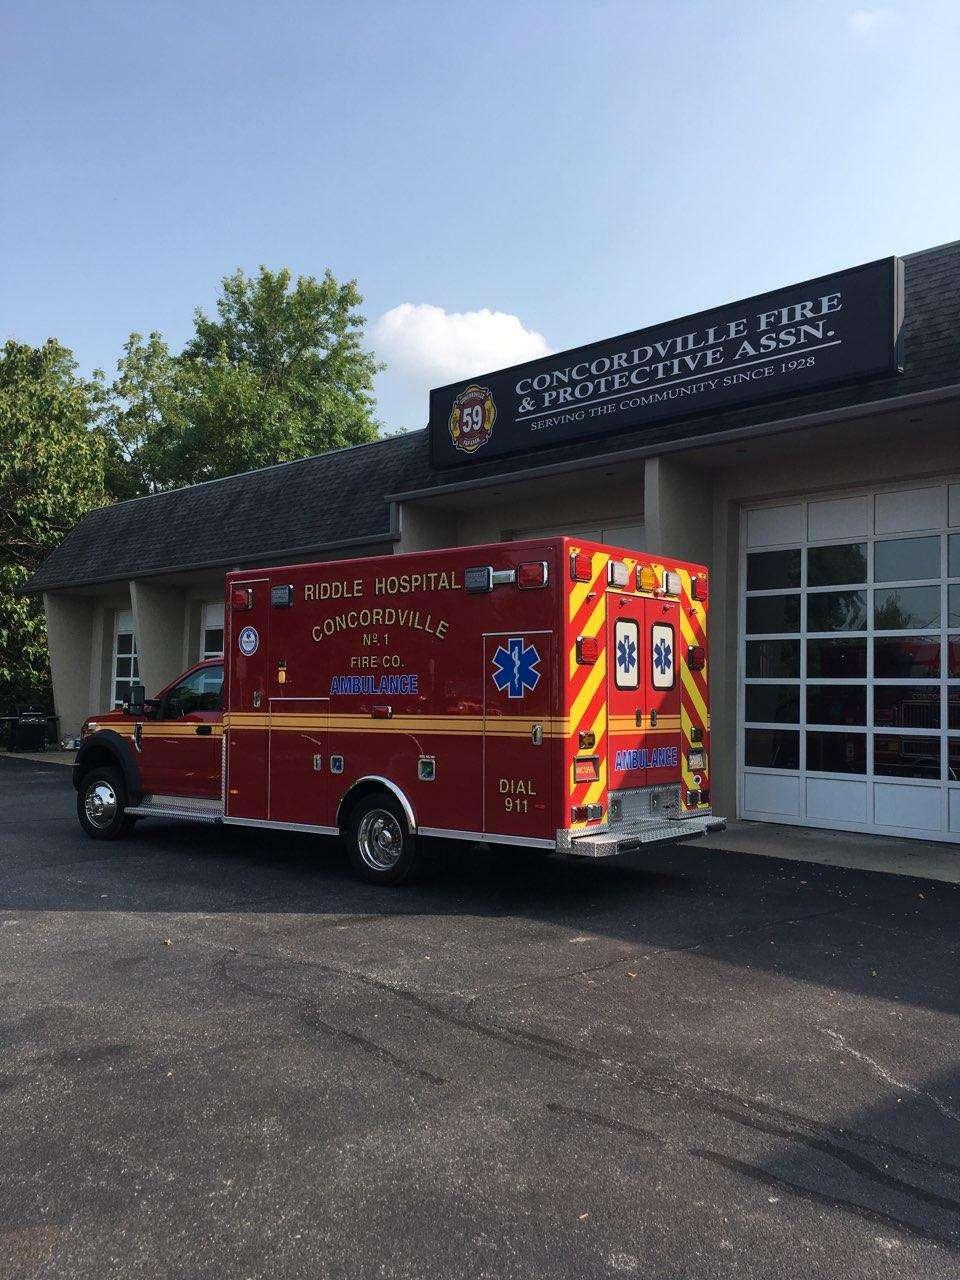 Concordville Fire & Protective - Fire station | 854 Concord